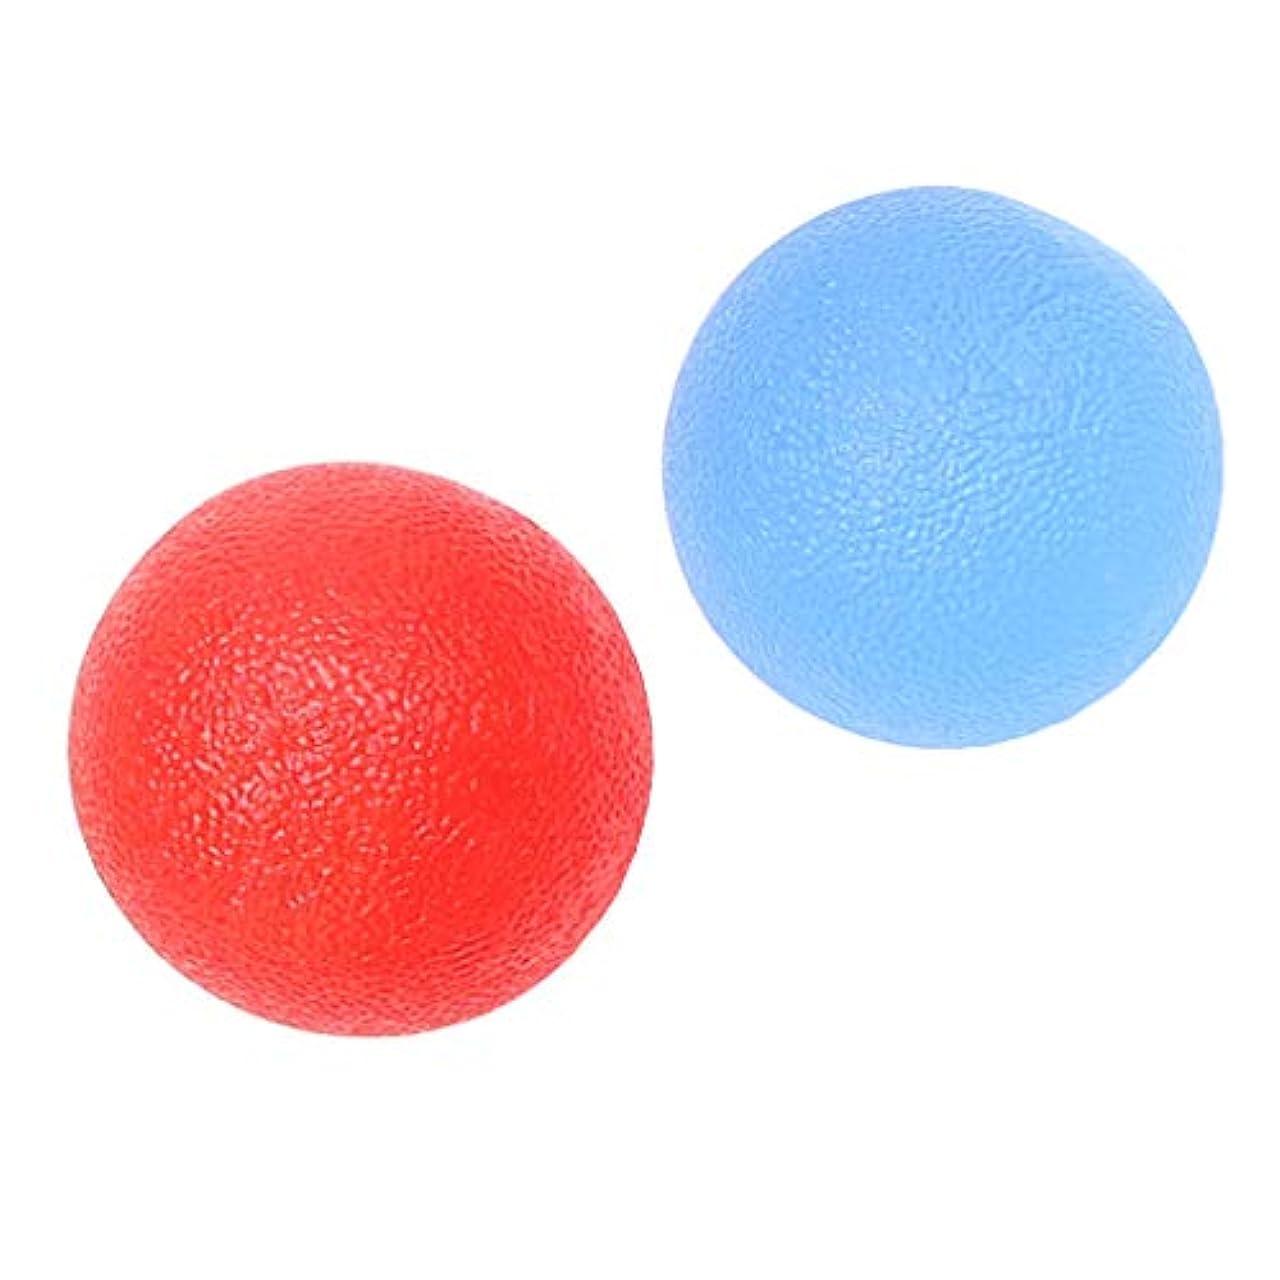 一次ダーベビルのテス温室FLAMEER 2個 ハンドエクササイズボール ハンドグリップ シリコン 指トレーニング ストレス緩和 柔軟 赤/青